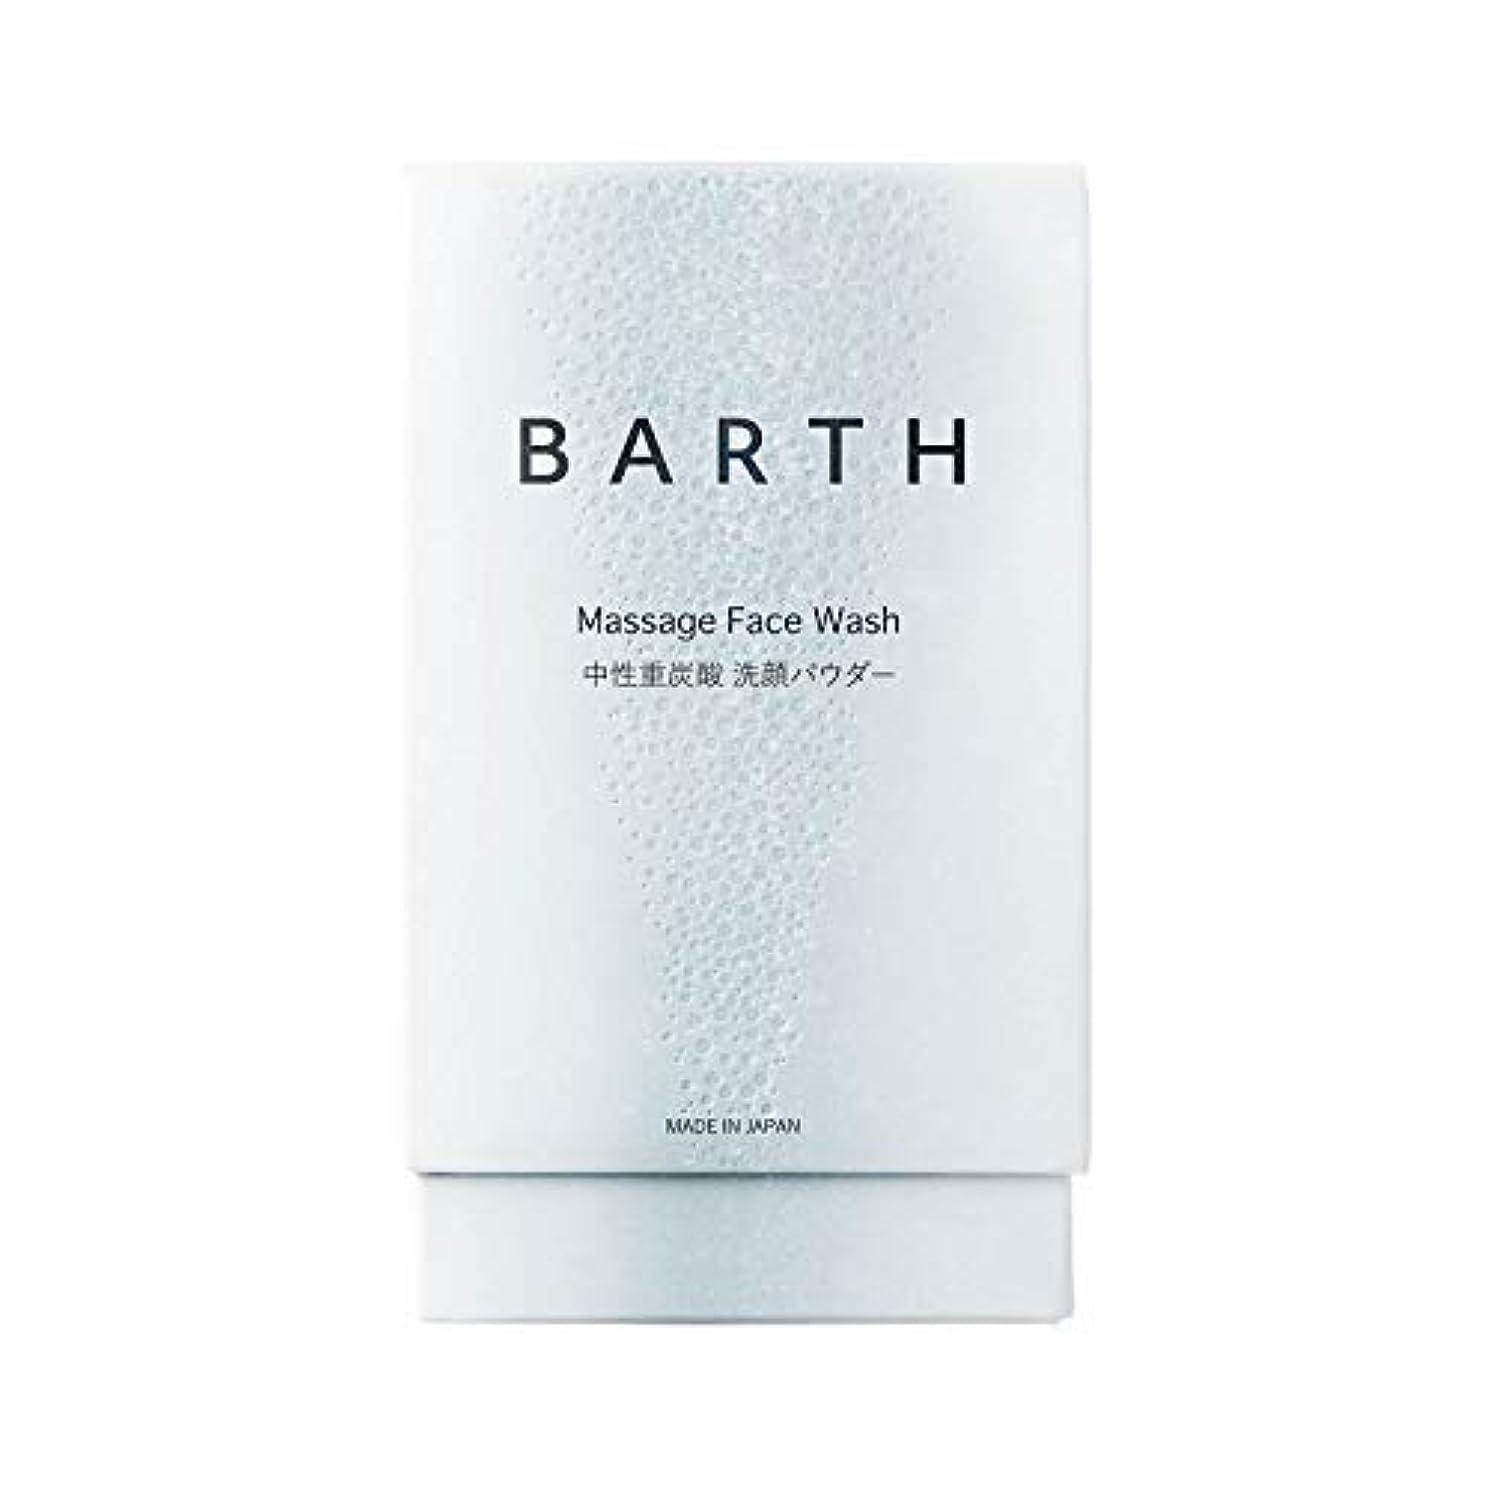 トマト大工心理的にBARTH【バース】中性 重炭酸 洗顔パウダー 30包タイプ(無添加 炭酸パック 洗顔料 個包装タイプ)